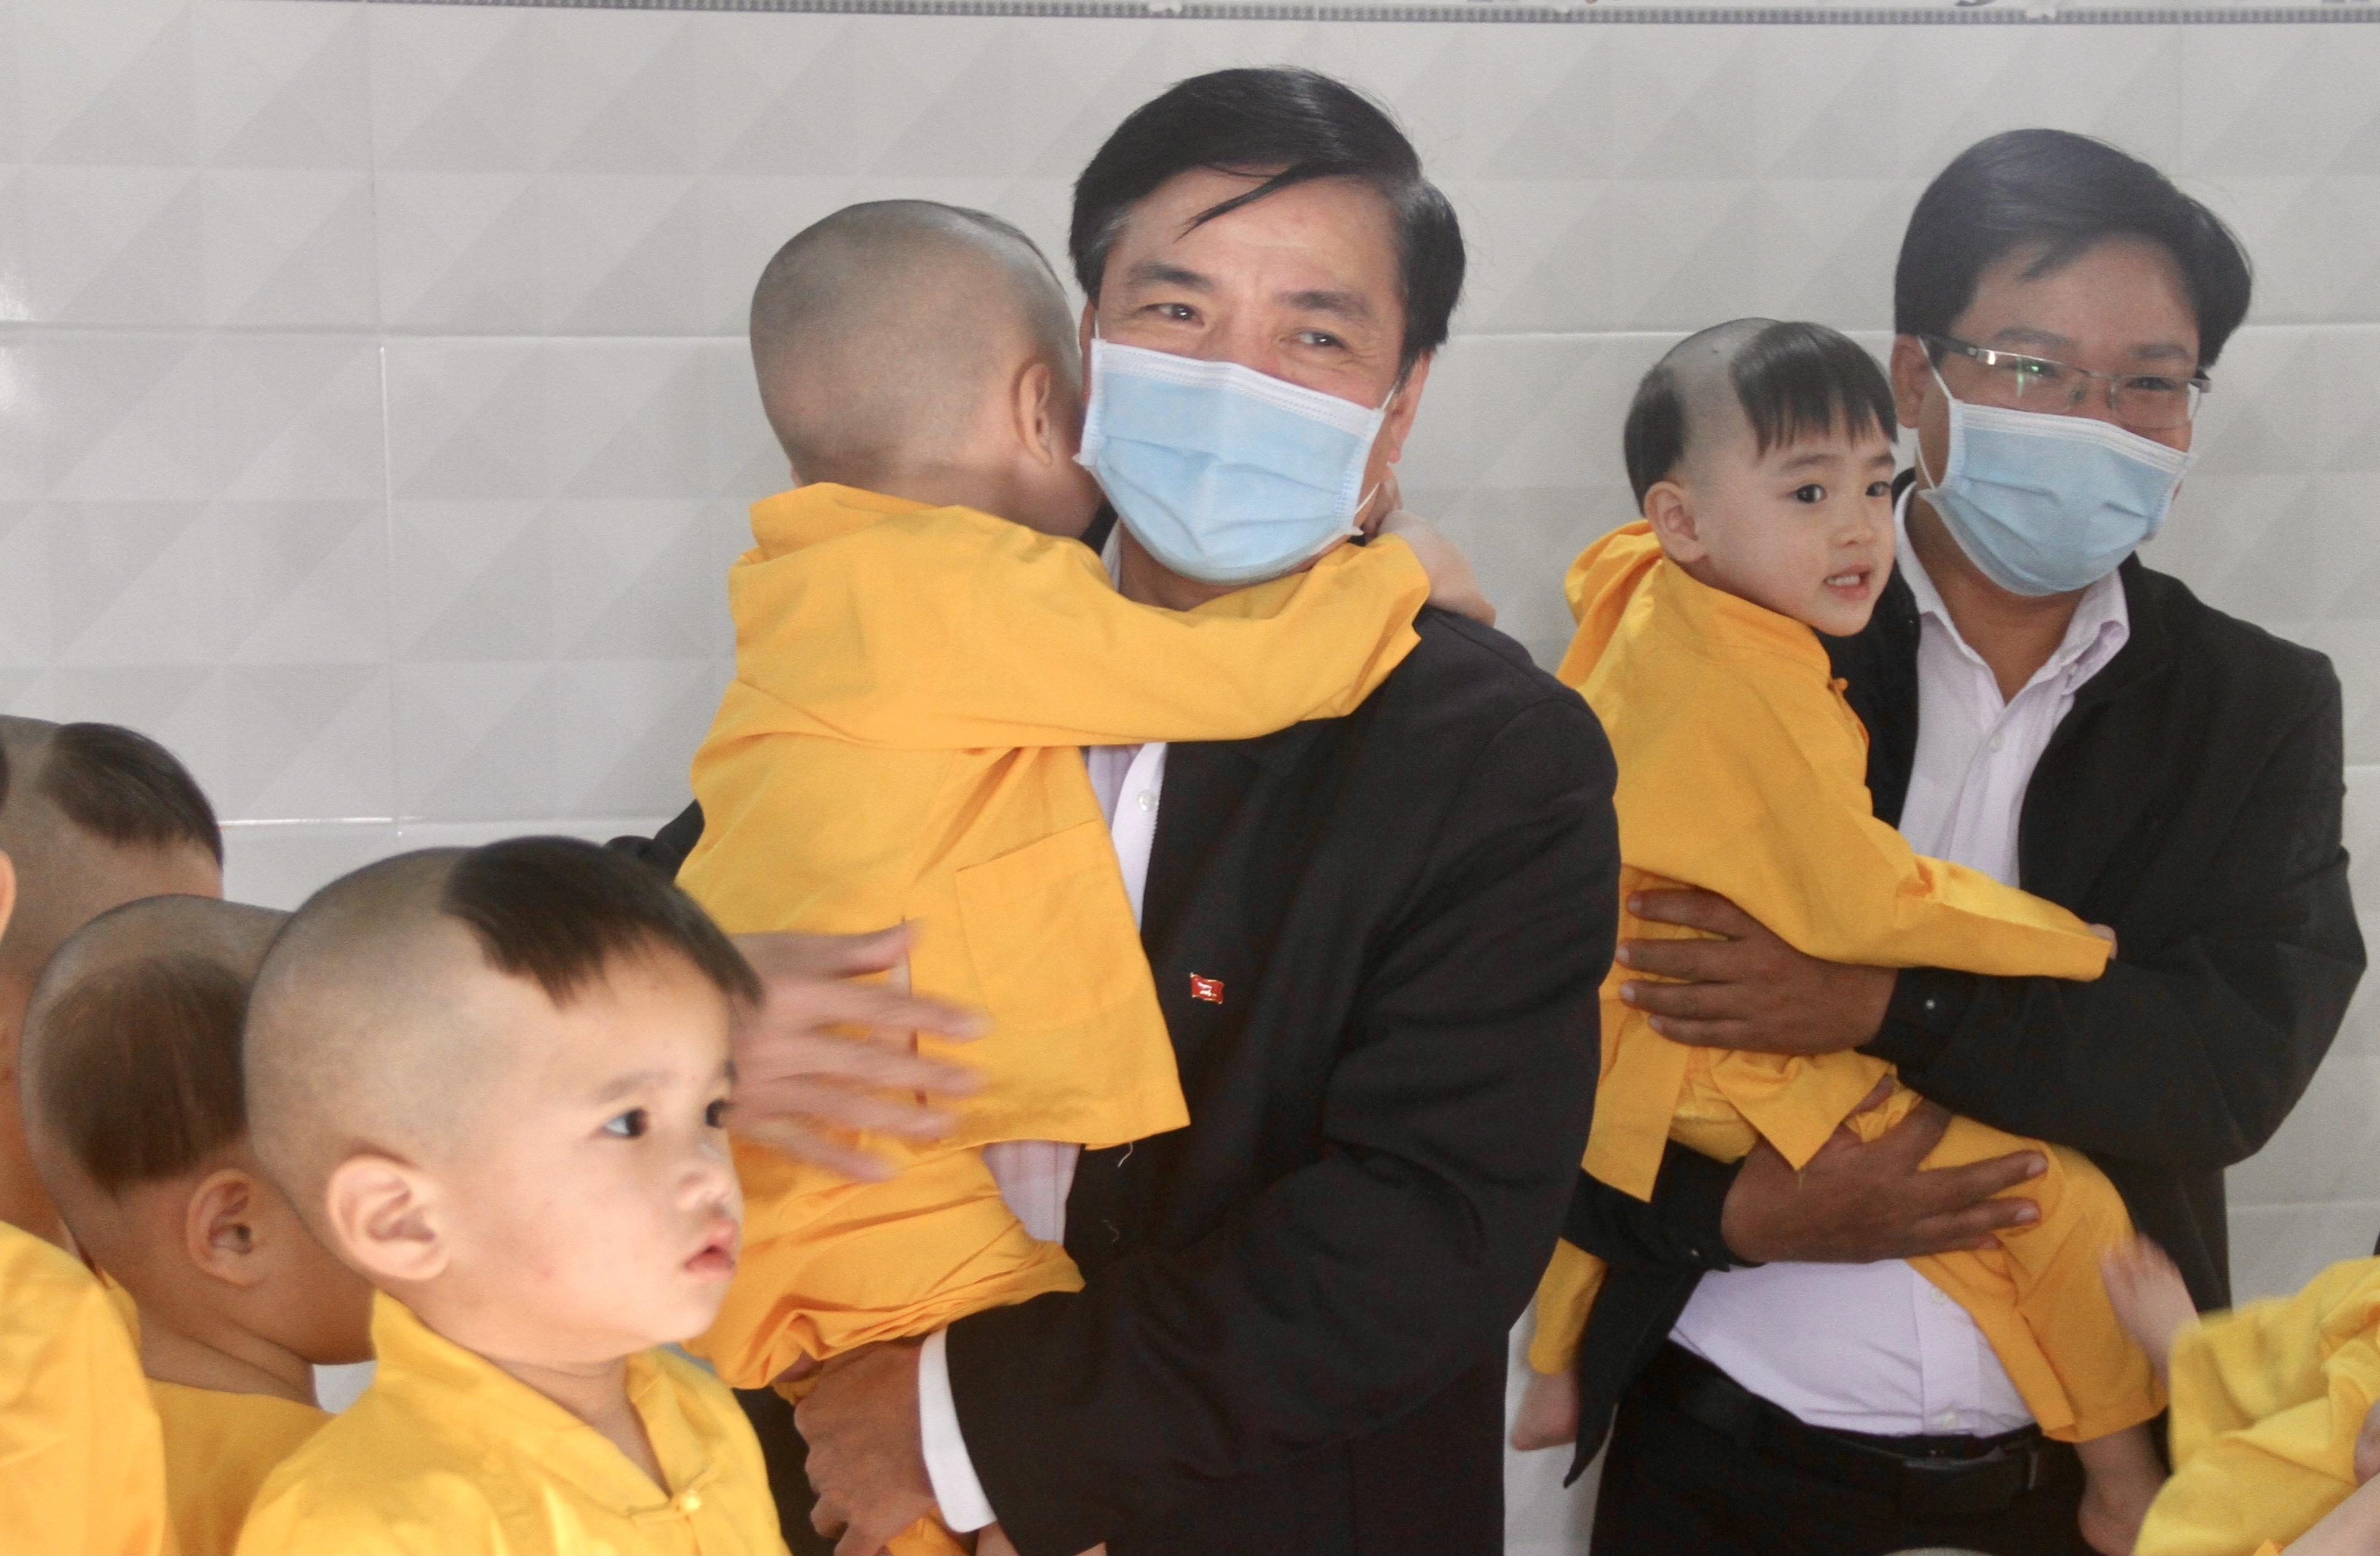 Bí thư Tỉnh ủy Bùi Văn Cường thăm, tặng quà Tết cho trẻ em mồ côi và người già neo đơn